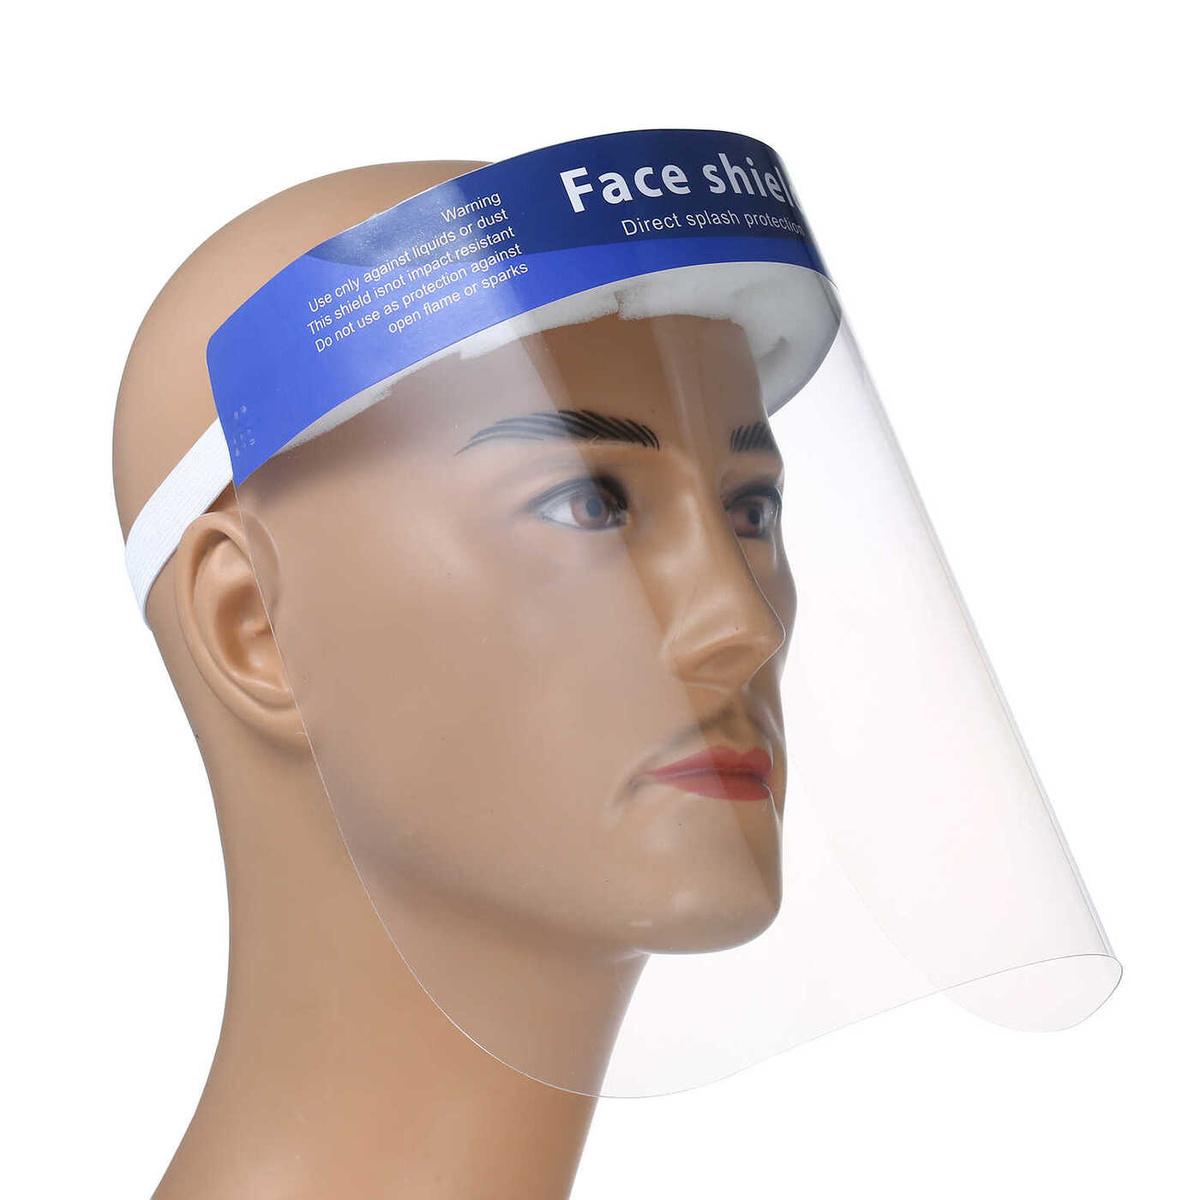 Tewson Маска-экран защитная для лица прозрачная, 3 шт #1